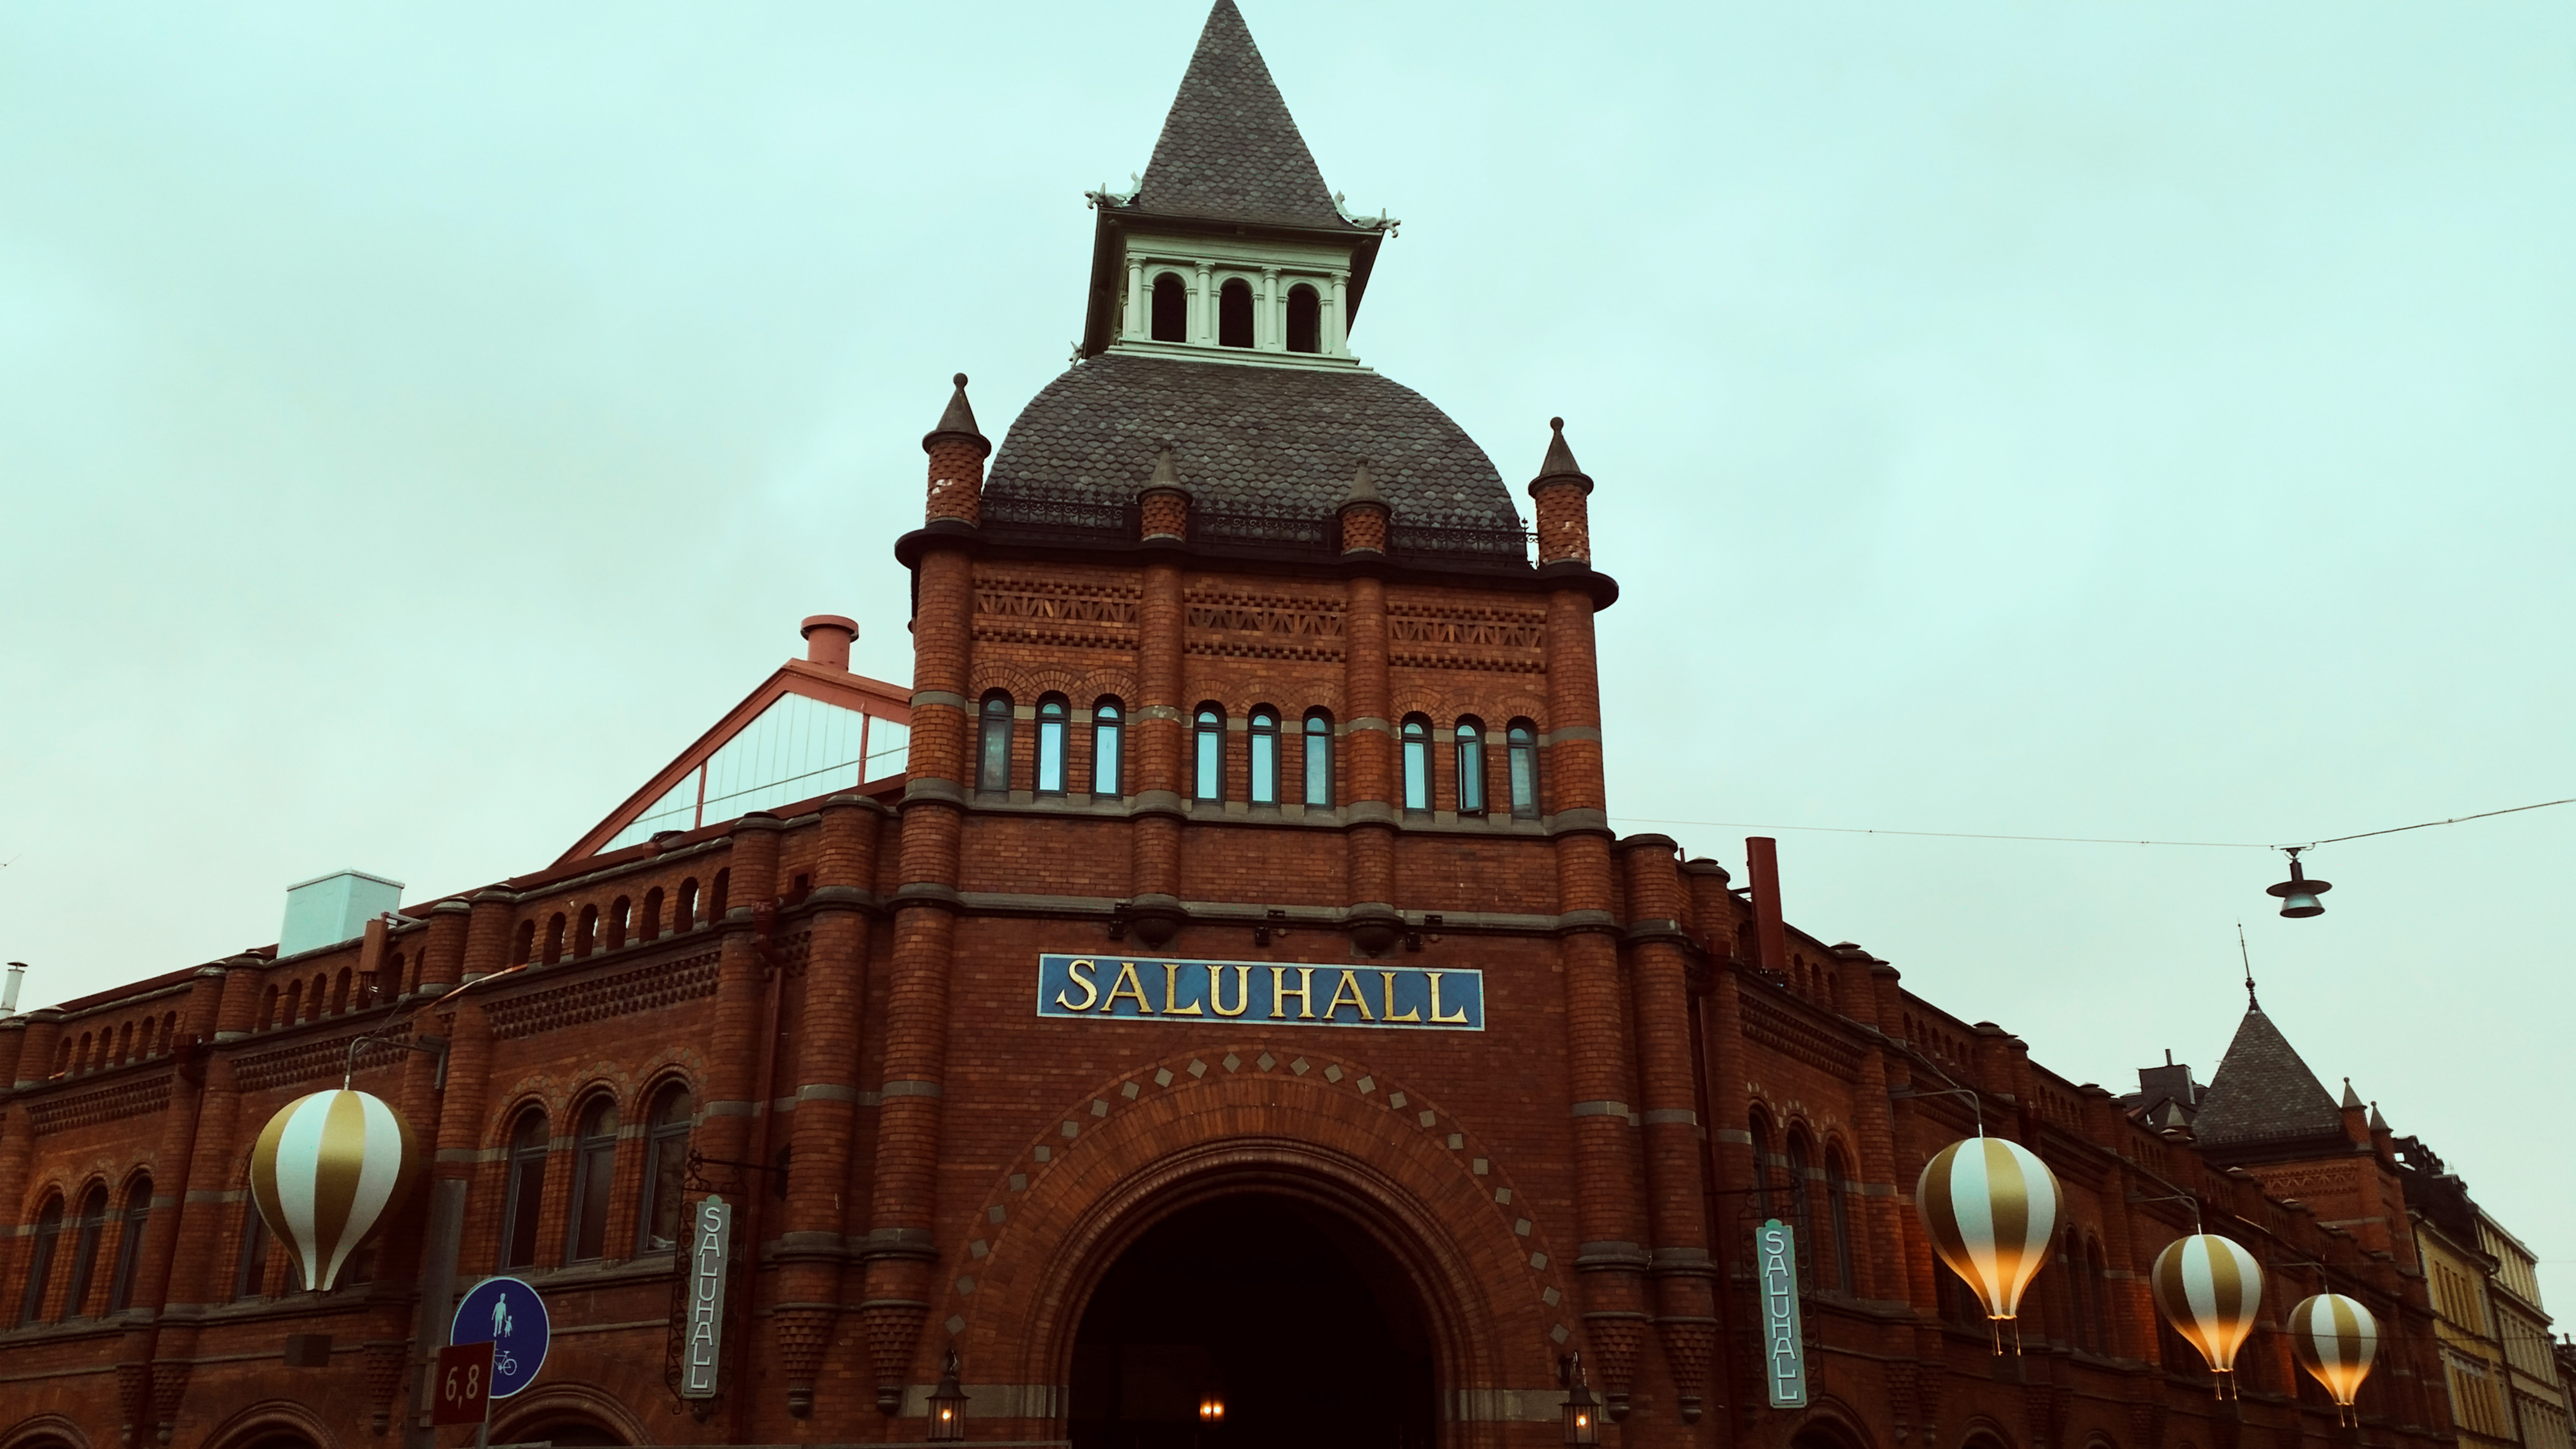 mercato saluhall